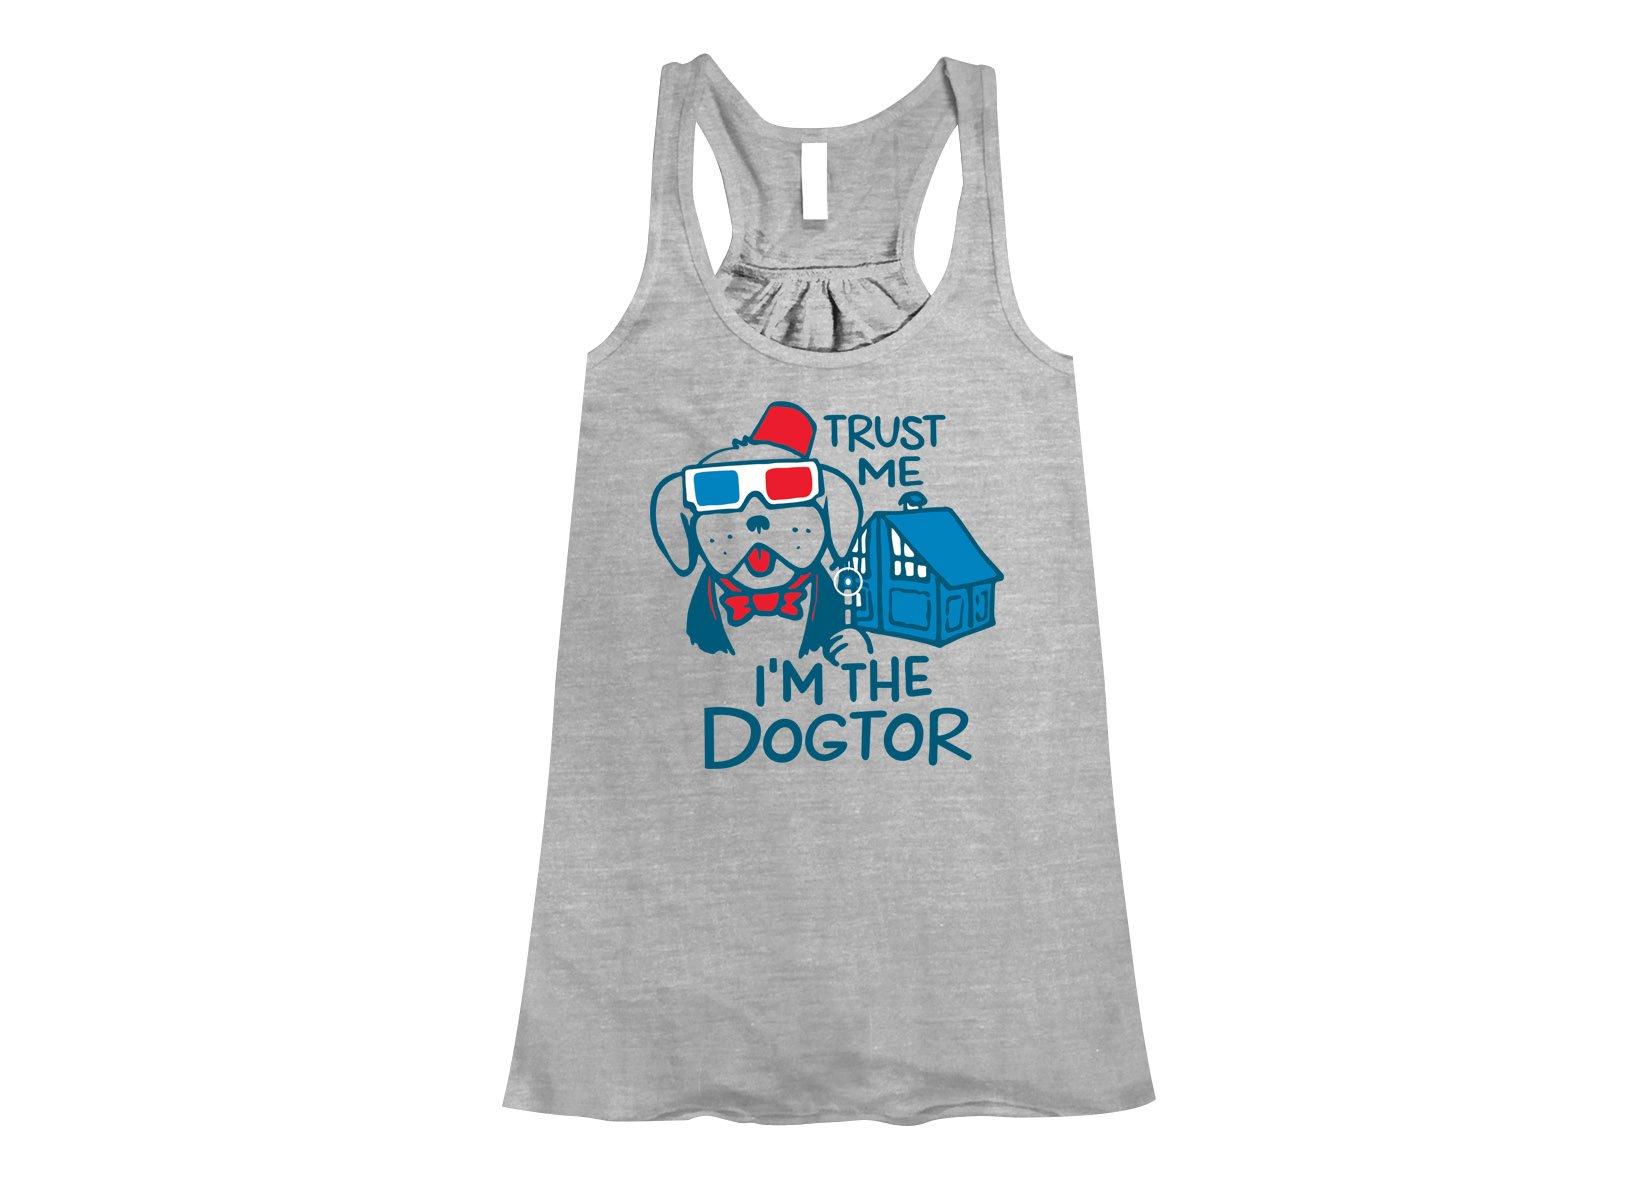 Trust Me, I'm The Dogtor on Womens Tanks T-Shirt